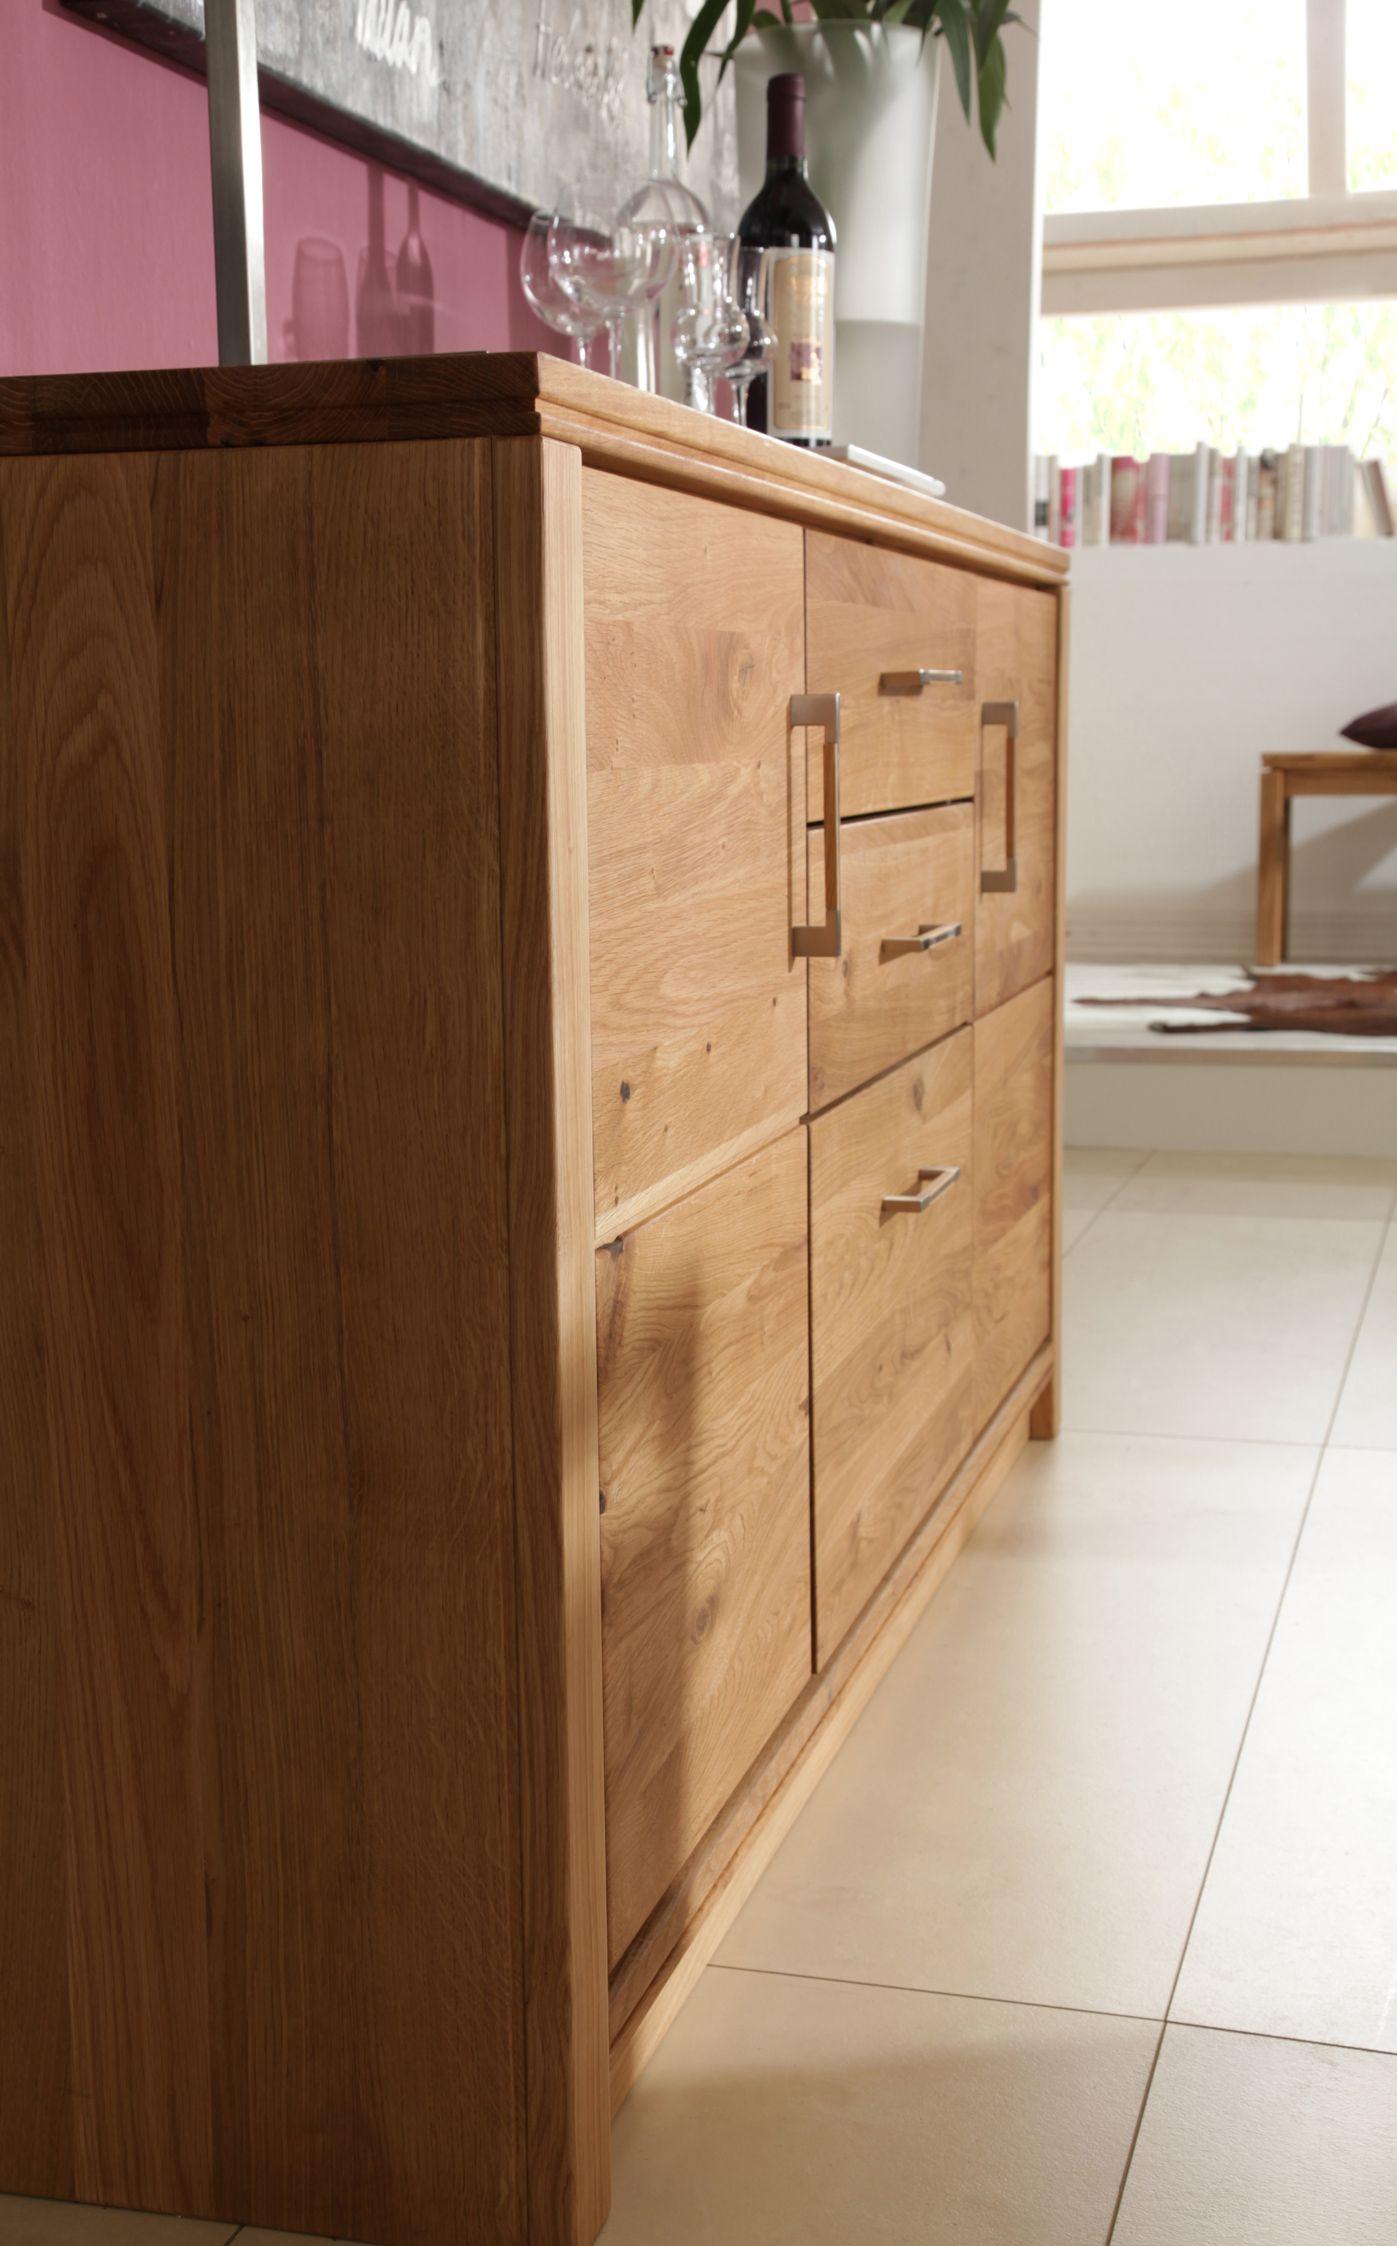 Wohnzimmer Esszimmer Aus Massivholz Ganz Nach Ihren Bedurfnissen Mithilfe Von Low High Und Sideboards Gestalten Wohnzimm In 2020 Holz Einrichtungsideen Wohnen